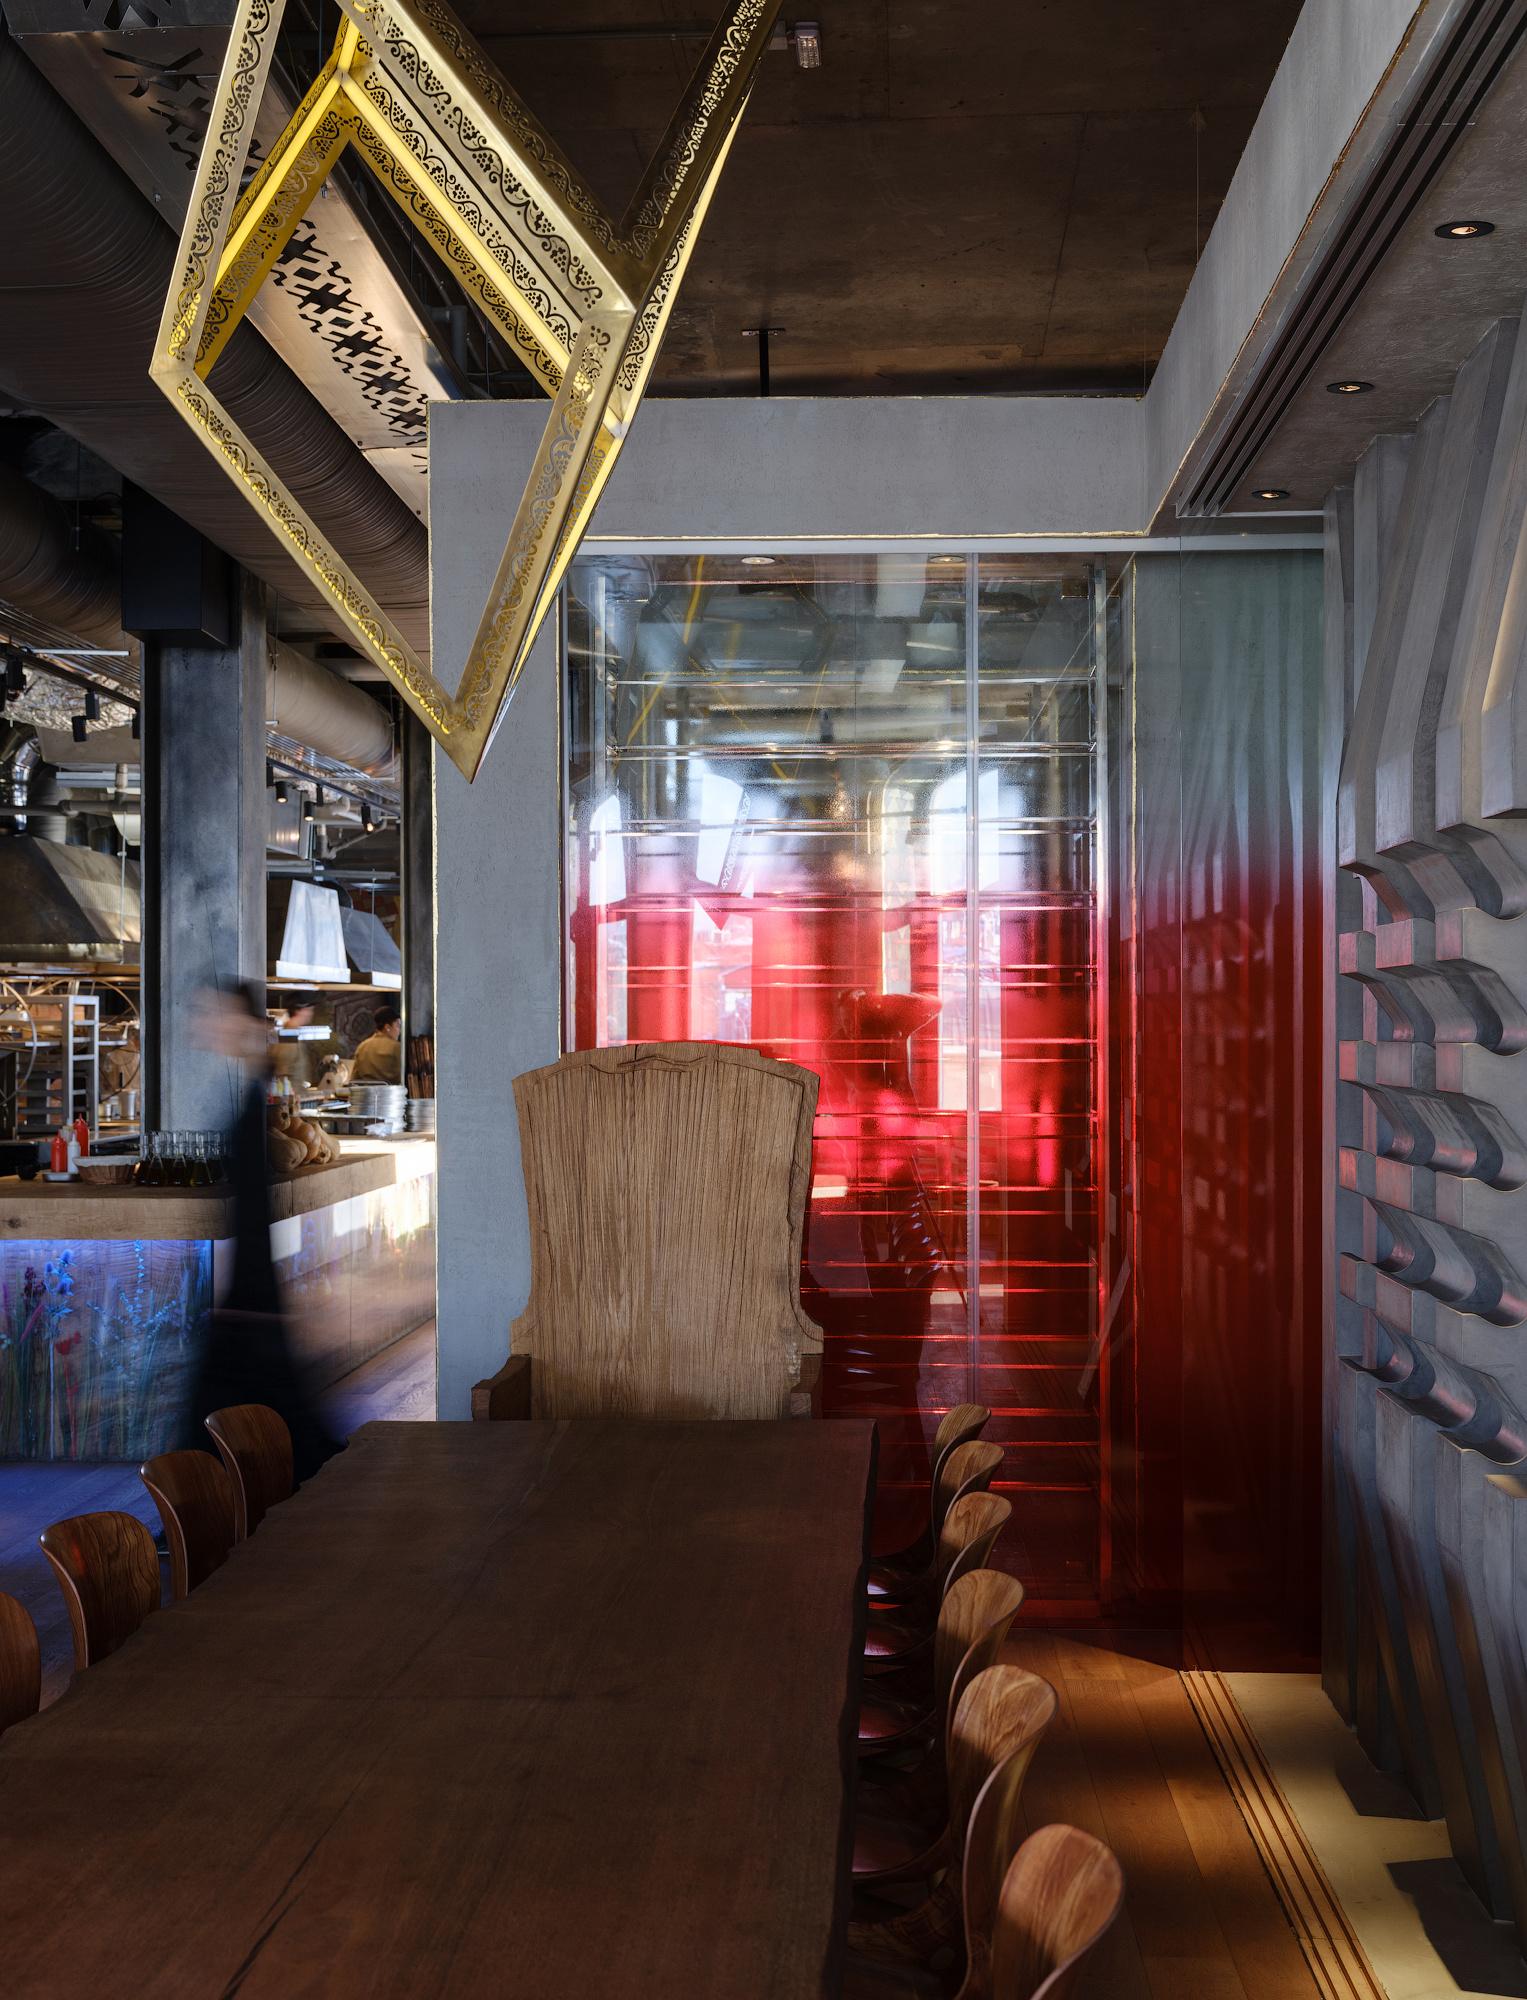 Ресторан «Горыныч»: проект Натальи Белоноговой (галерея 13, фото 0)